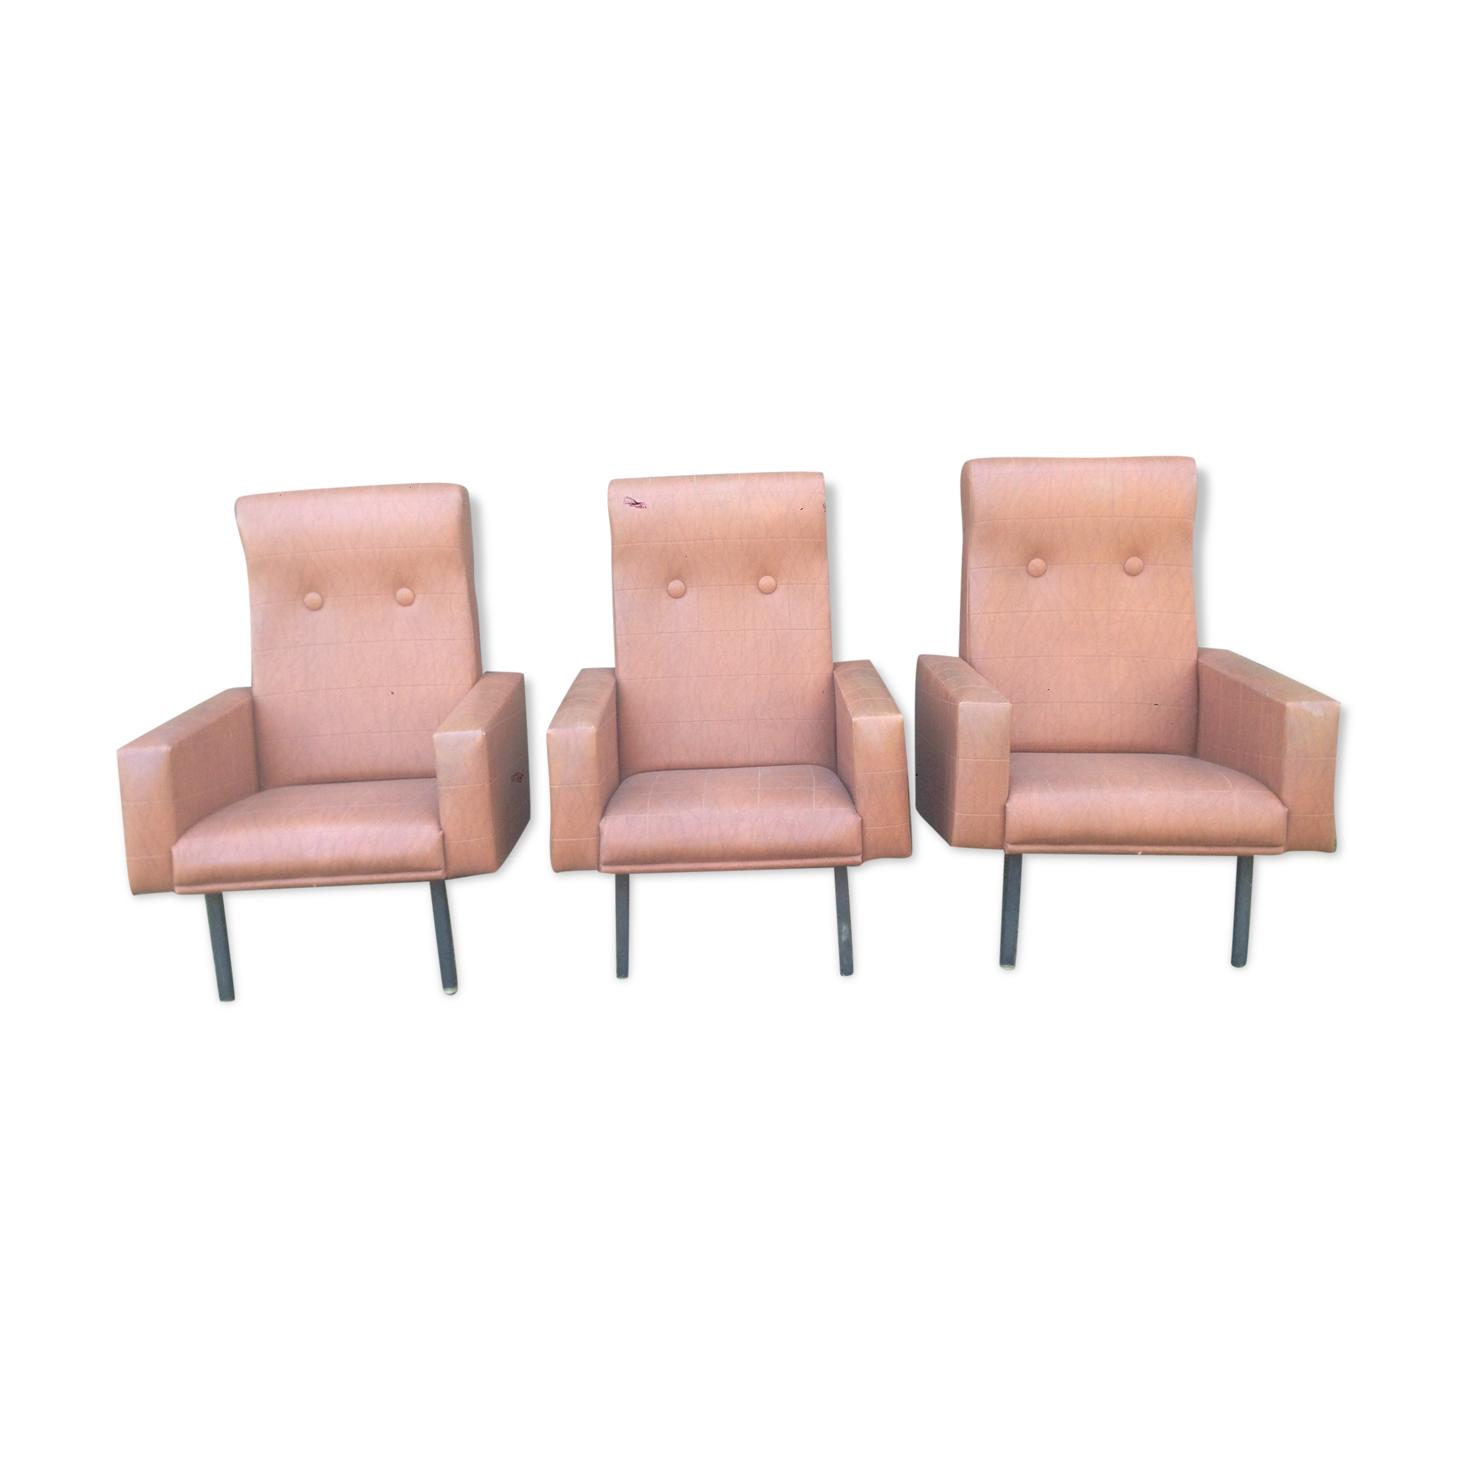 Trio de fauteuils vintage en skaï marron